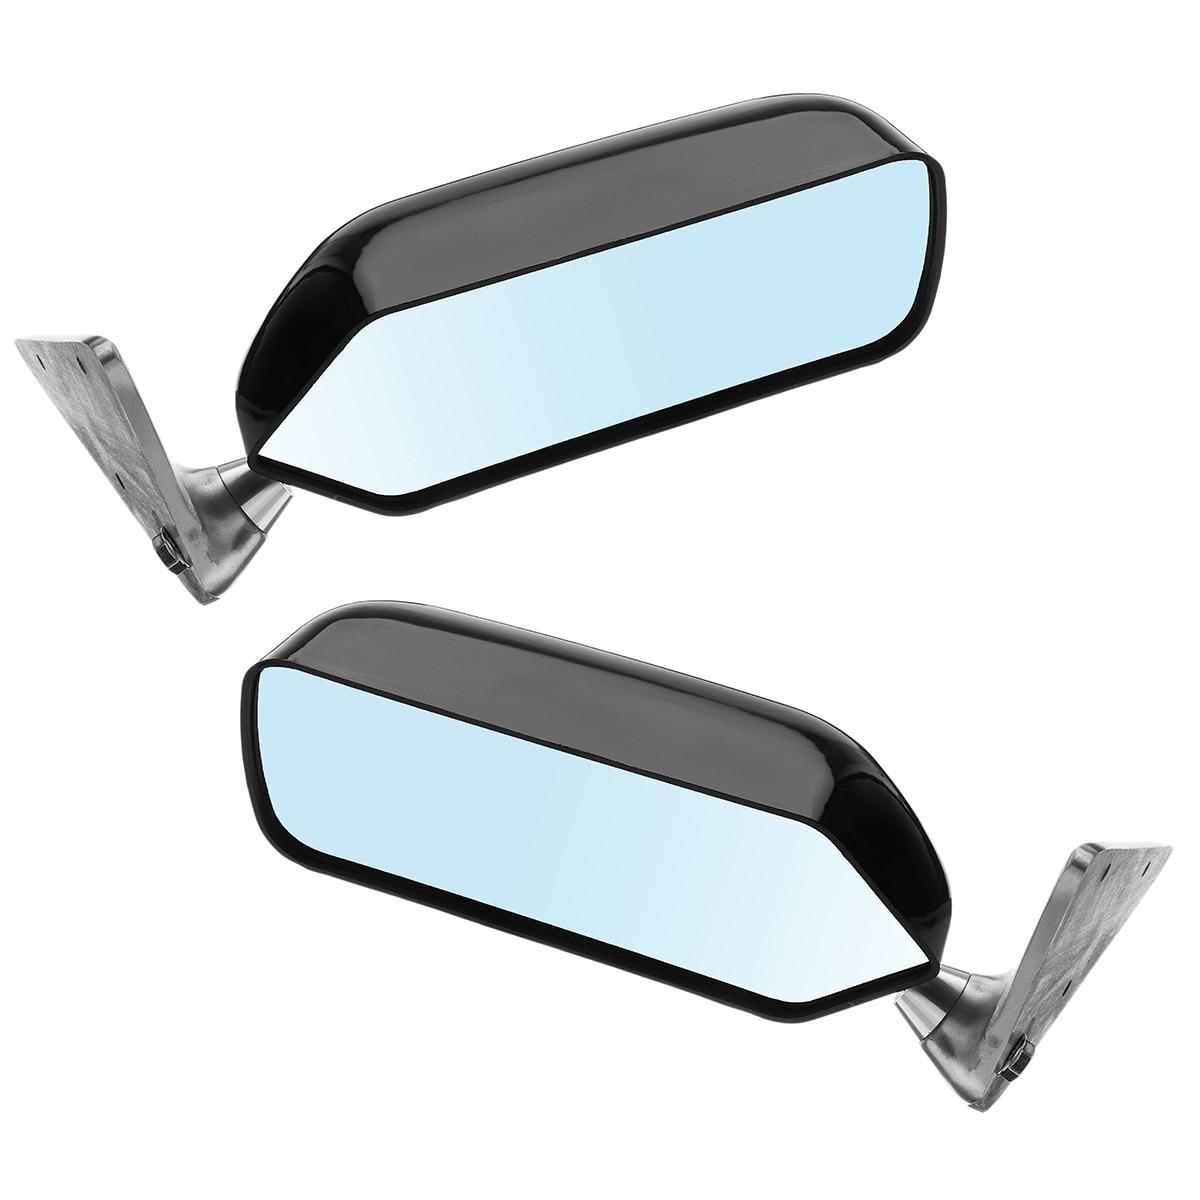 2x Nuovo Universale Retro Auto Retrovisore Laterale Specchio Mestiere Piazza F1 Stile W/Blu Superficie a Specchio in Metallo Staffa Posteriore specchio di Vista